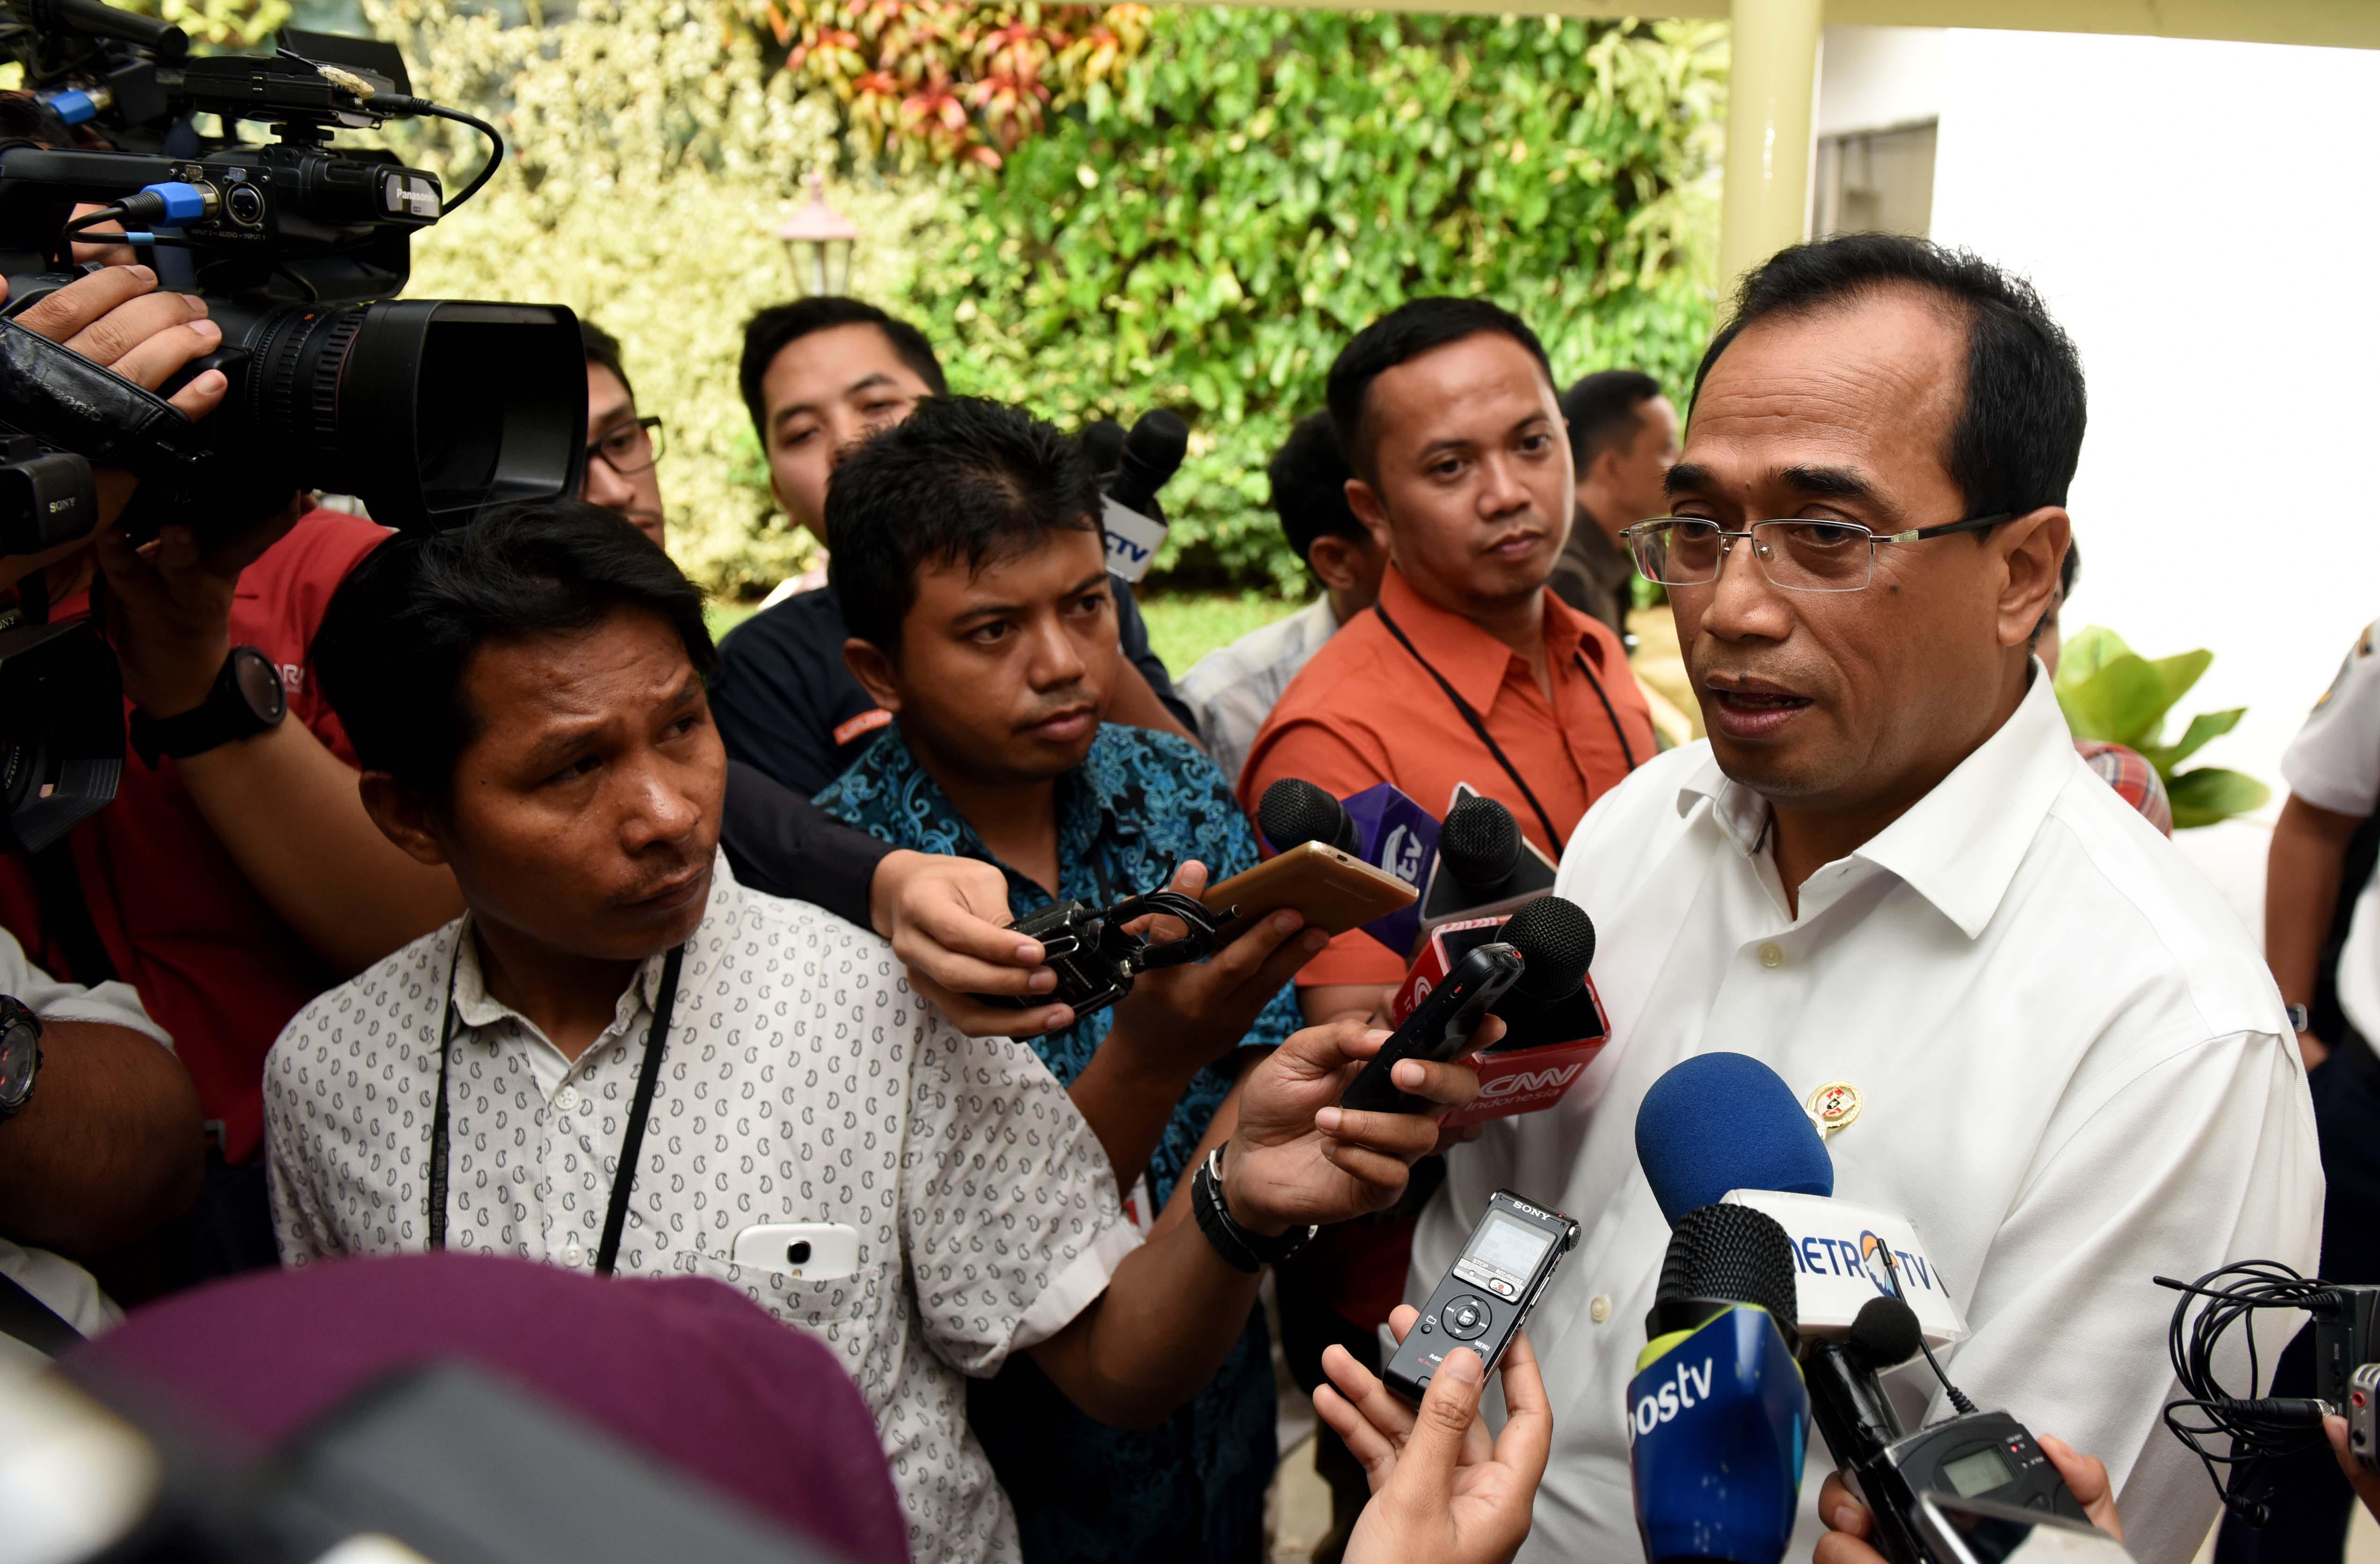 Menhub Budi K. Sumadi menjawab wartawan mengenai persiapan angkutan Lebaran usai mengikuti Ratas di Kantor Presiden, Jakarta, Senin (3/4) sore. (Foto: JAY/Humas)